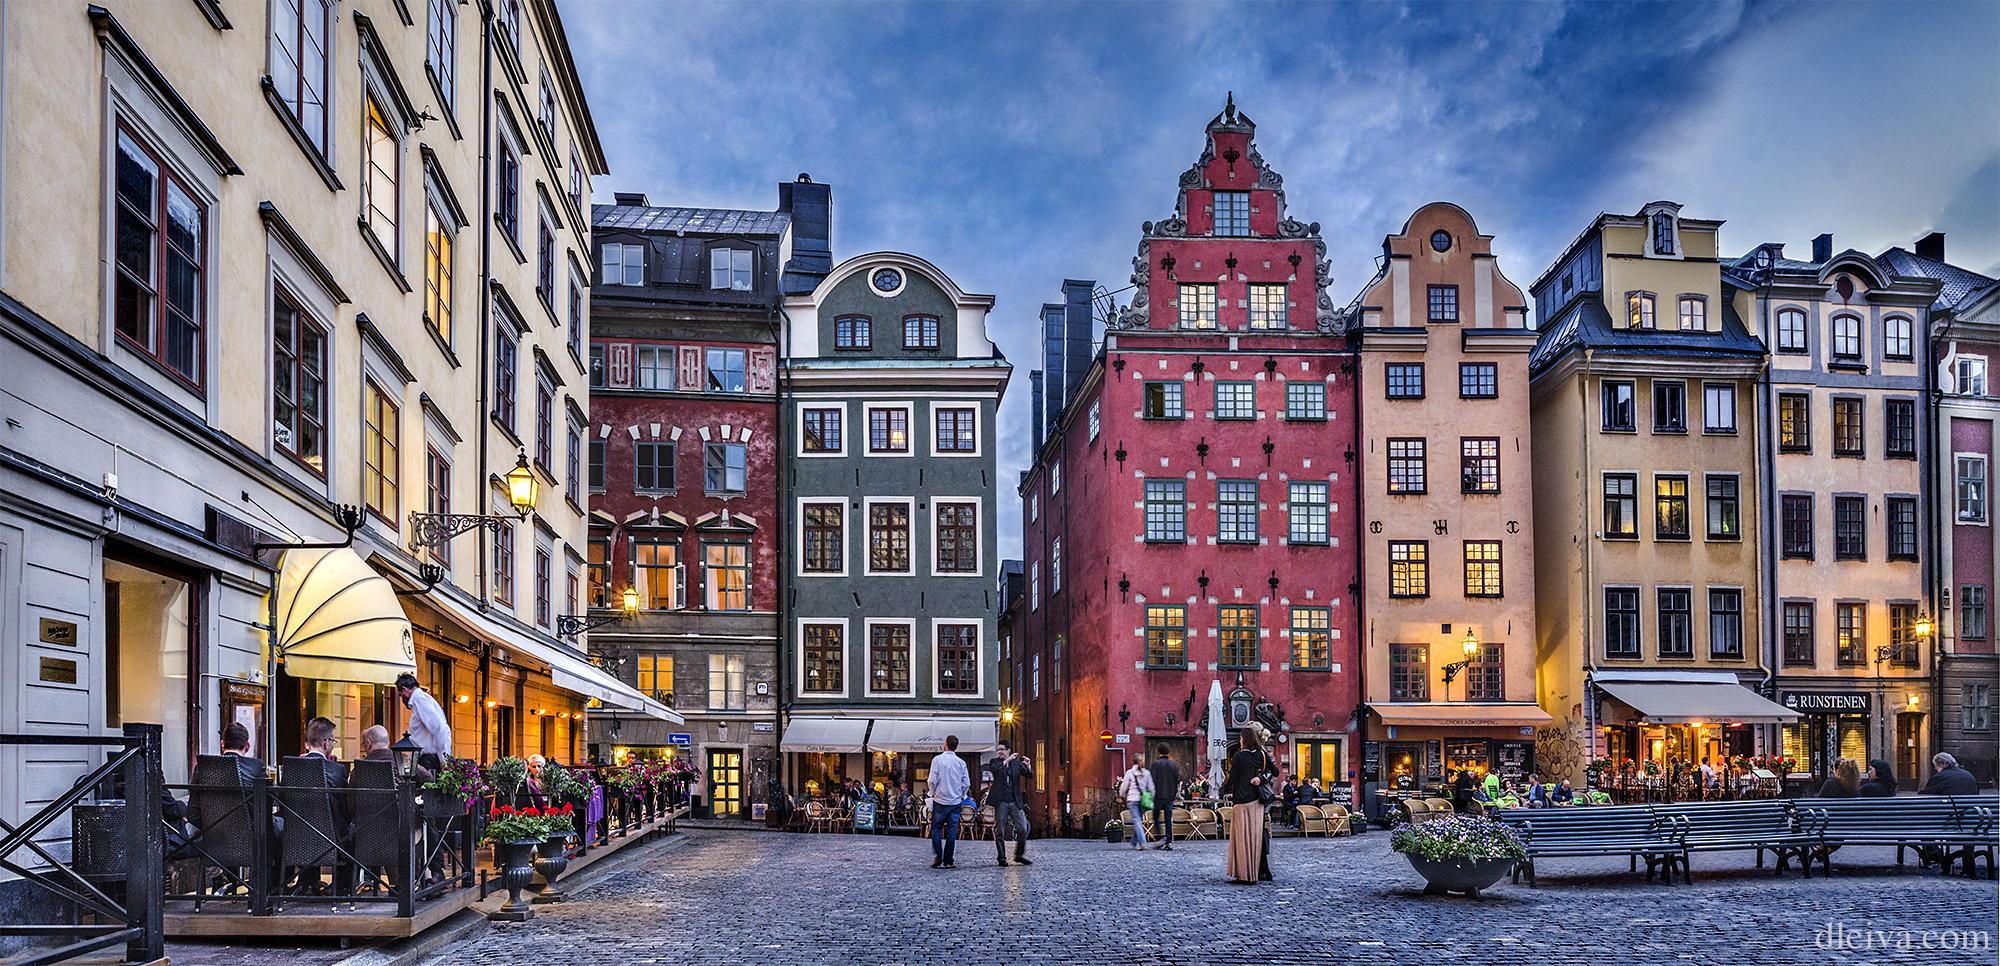 imagen de Gamla Stan, Estocolmo, Suecia